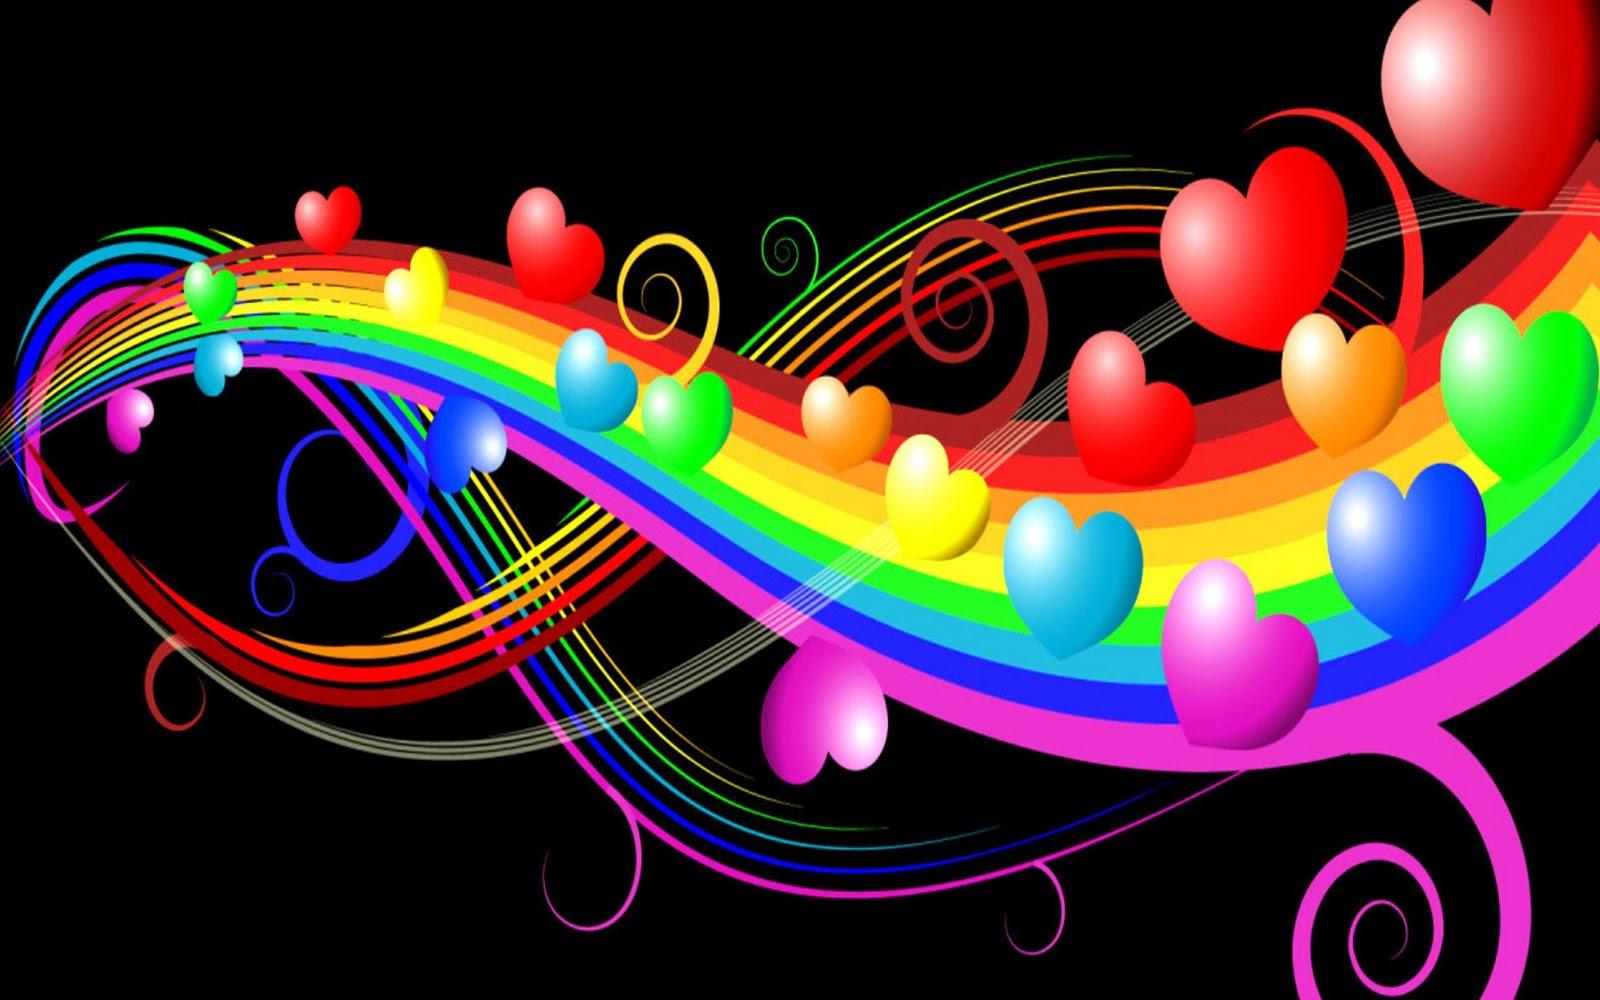 http://1.bp.blogspot.com/-Q7vUnZw40Kc/TWaWDmyvMZI/AAAAAAAABJU/NeFfxoAsSYc/s1600/Best_love_songs.jpg